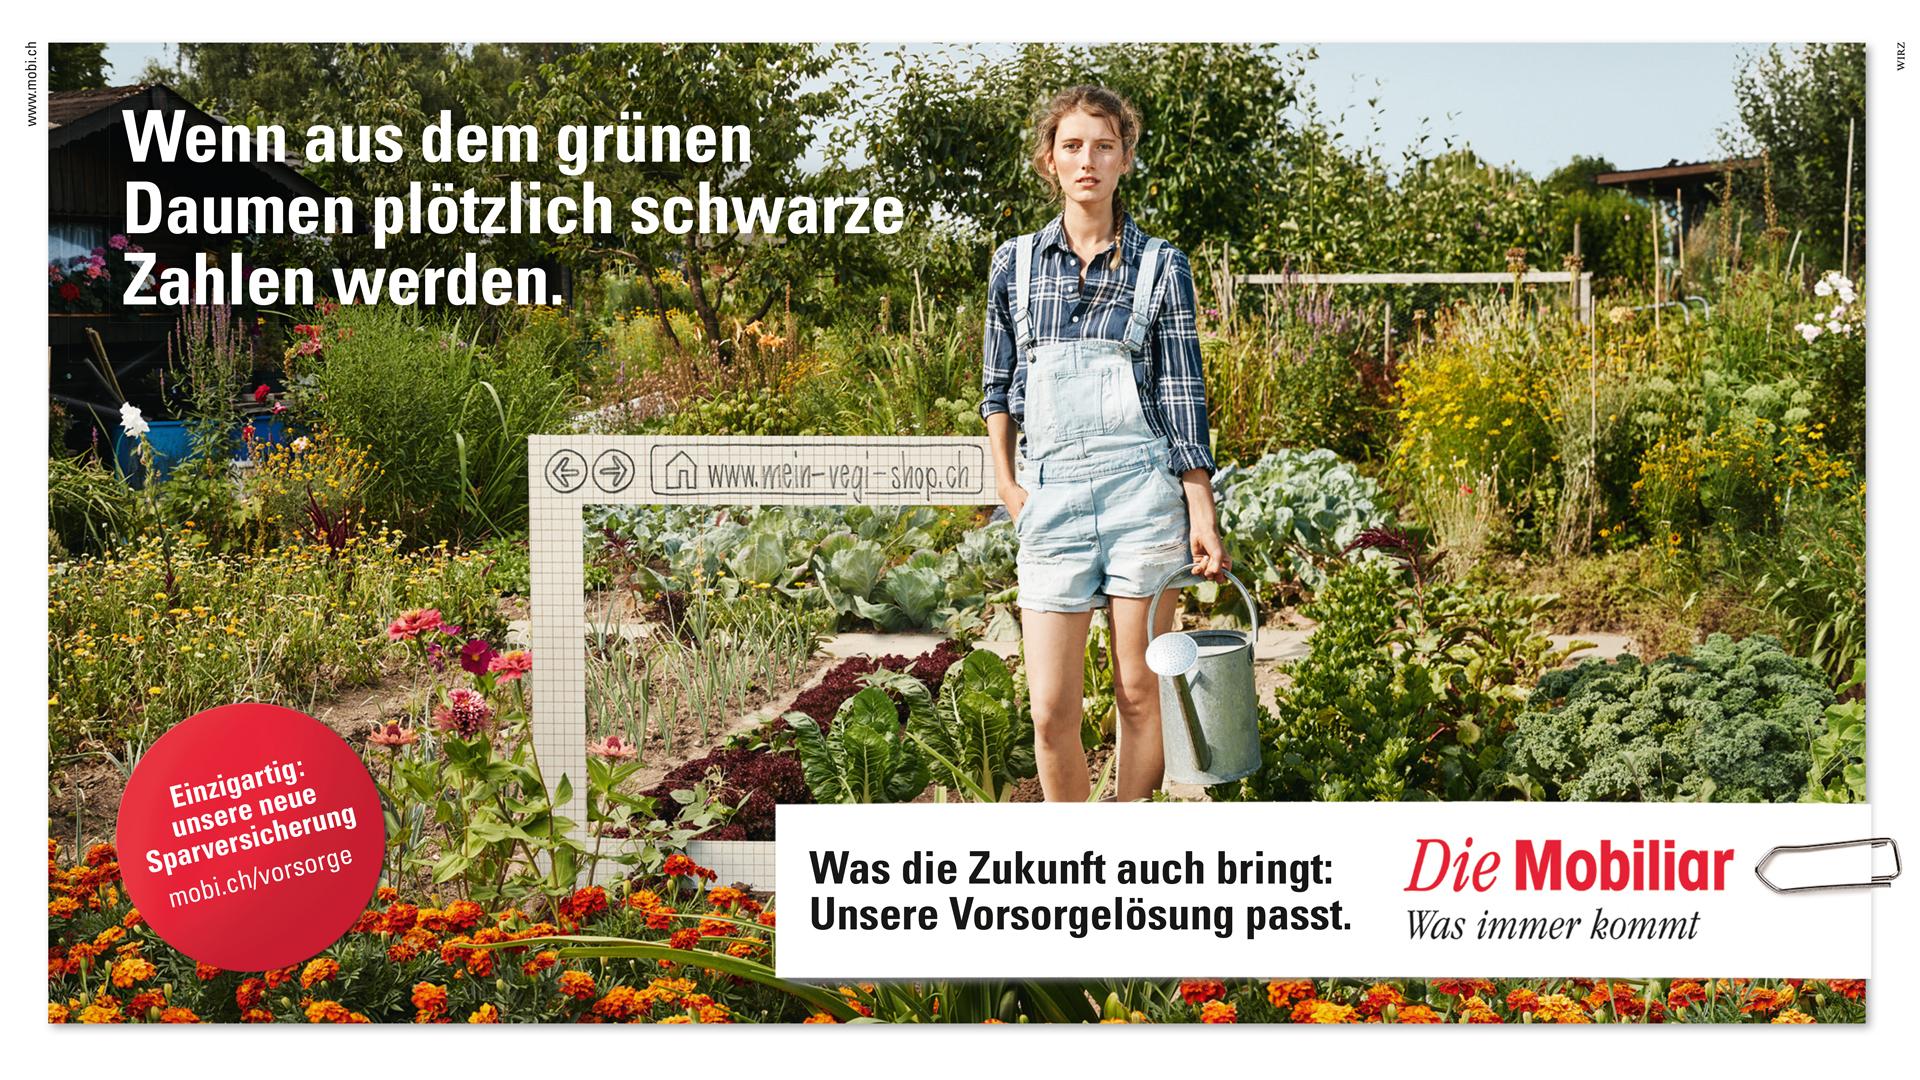 lorenz-wahl_mobilife2015_1920x1080_Selbständigkeit_d.jpg